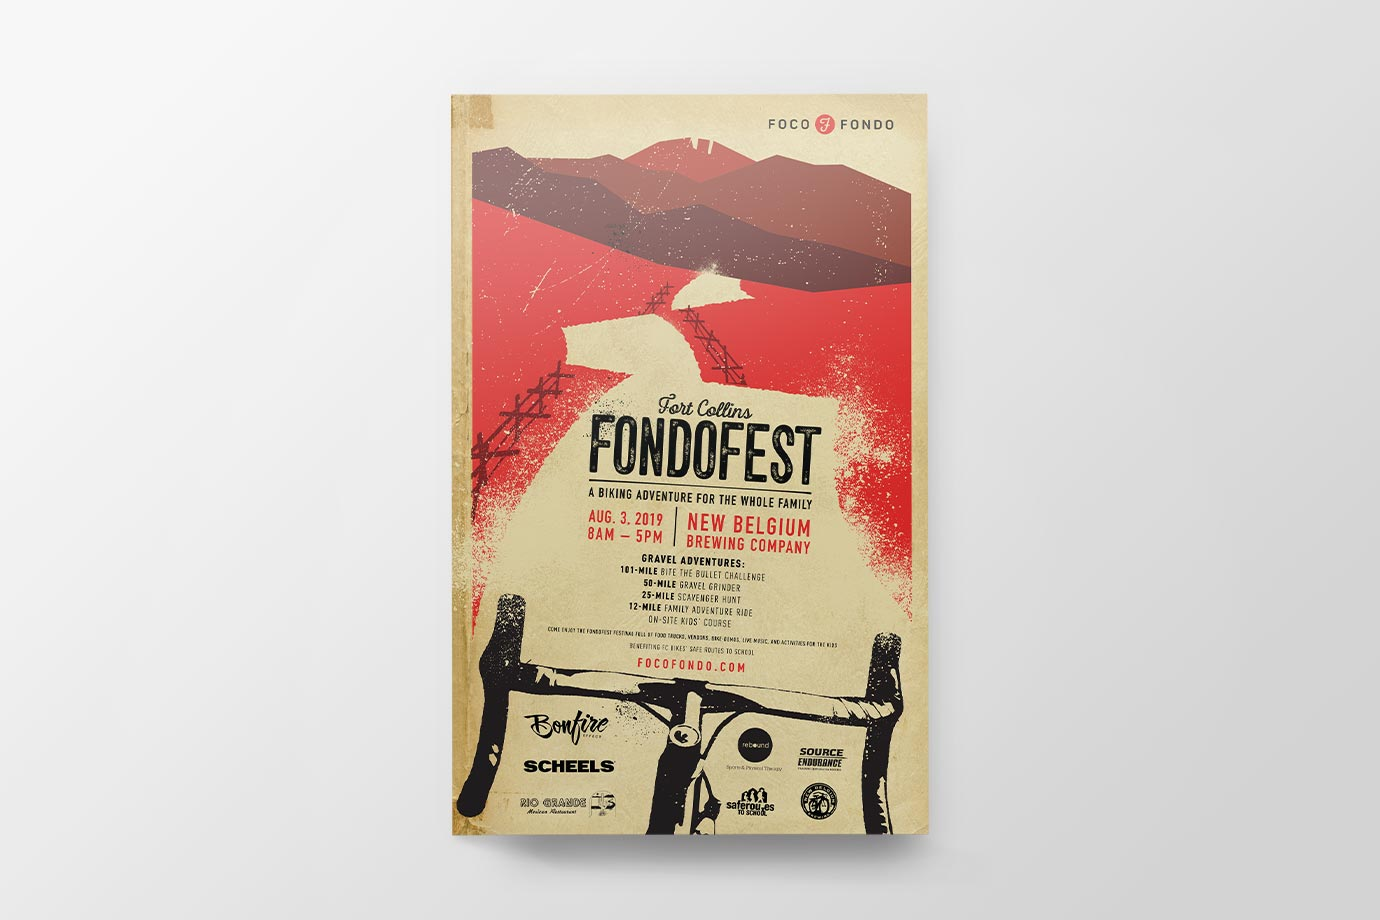 FOCO_poster.jpg